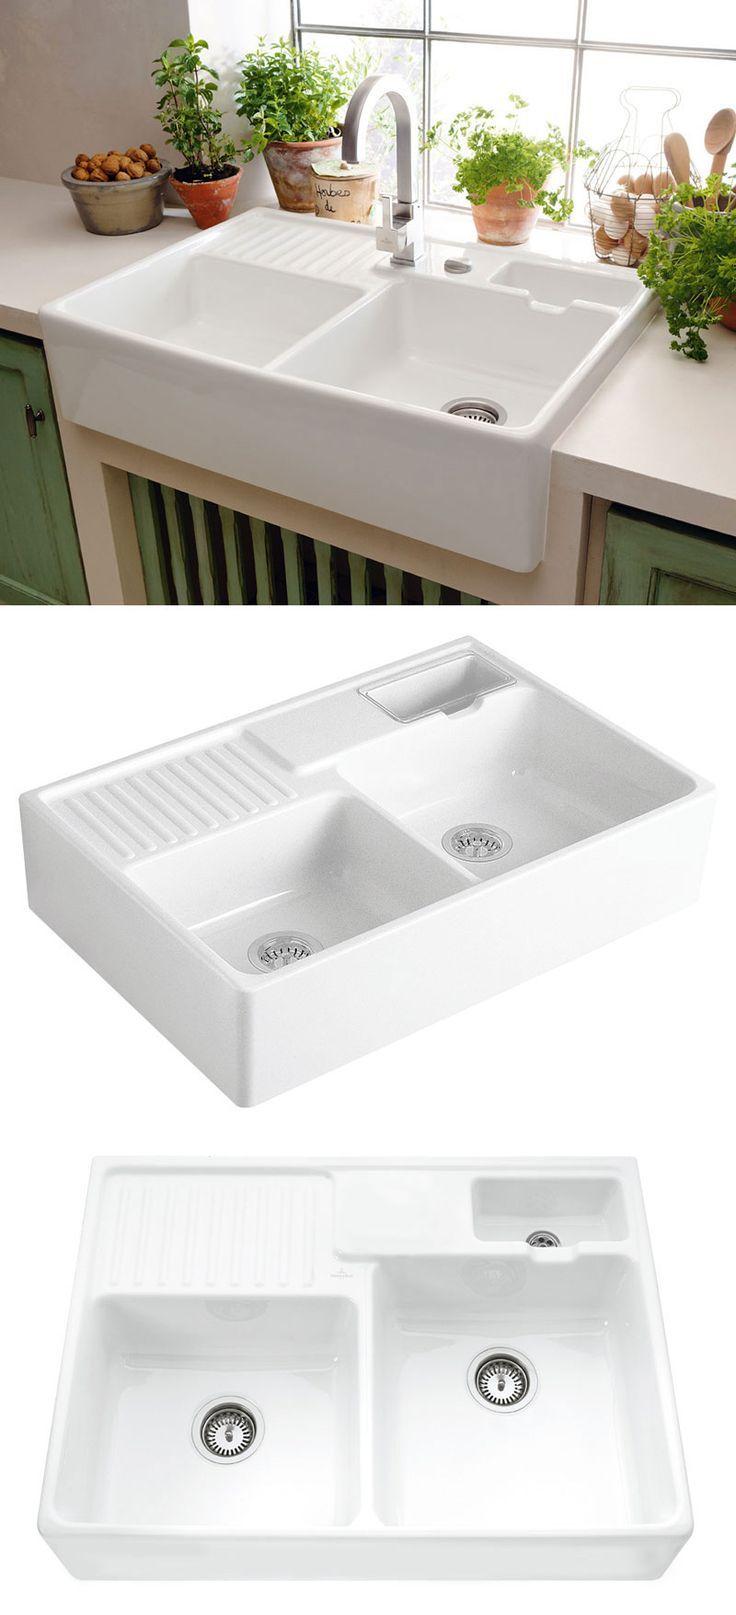 Best 25 Best Kitchen Sinks Ideas On Pinterest Best Cutting Board Sink For Kitchen And